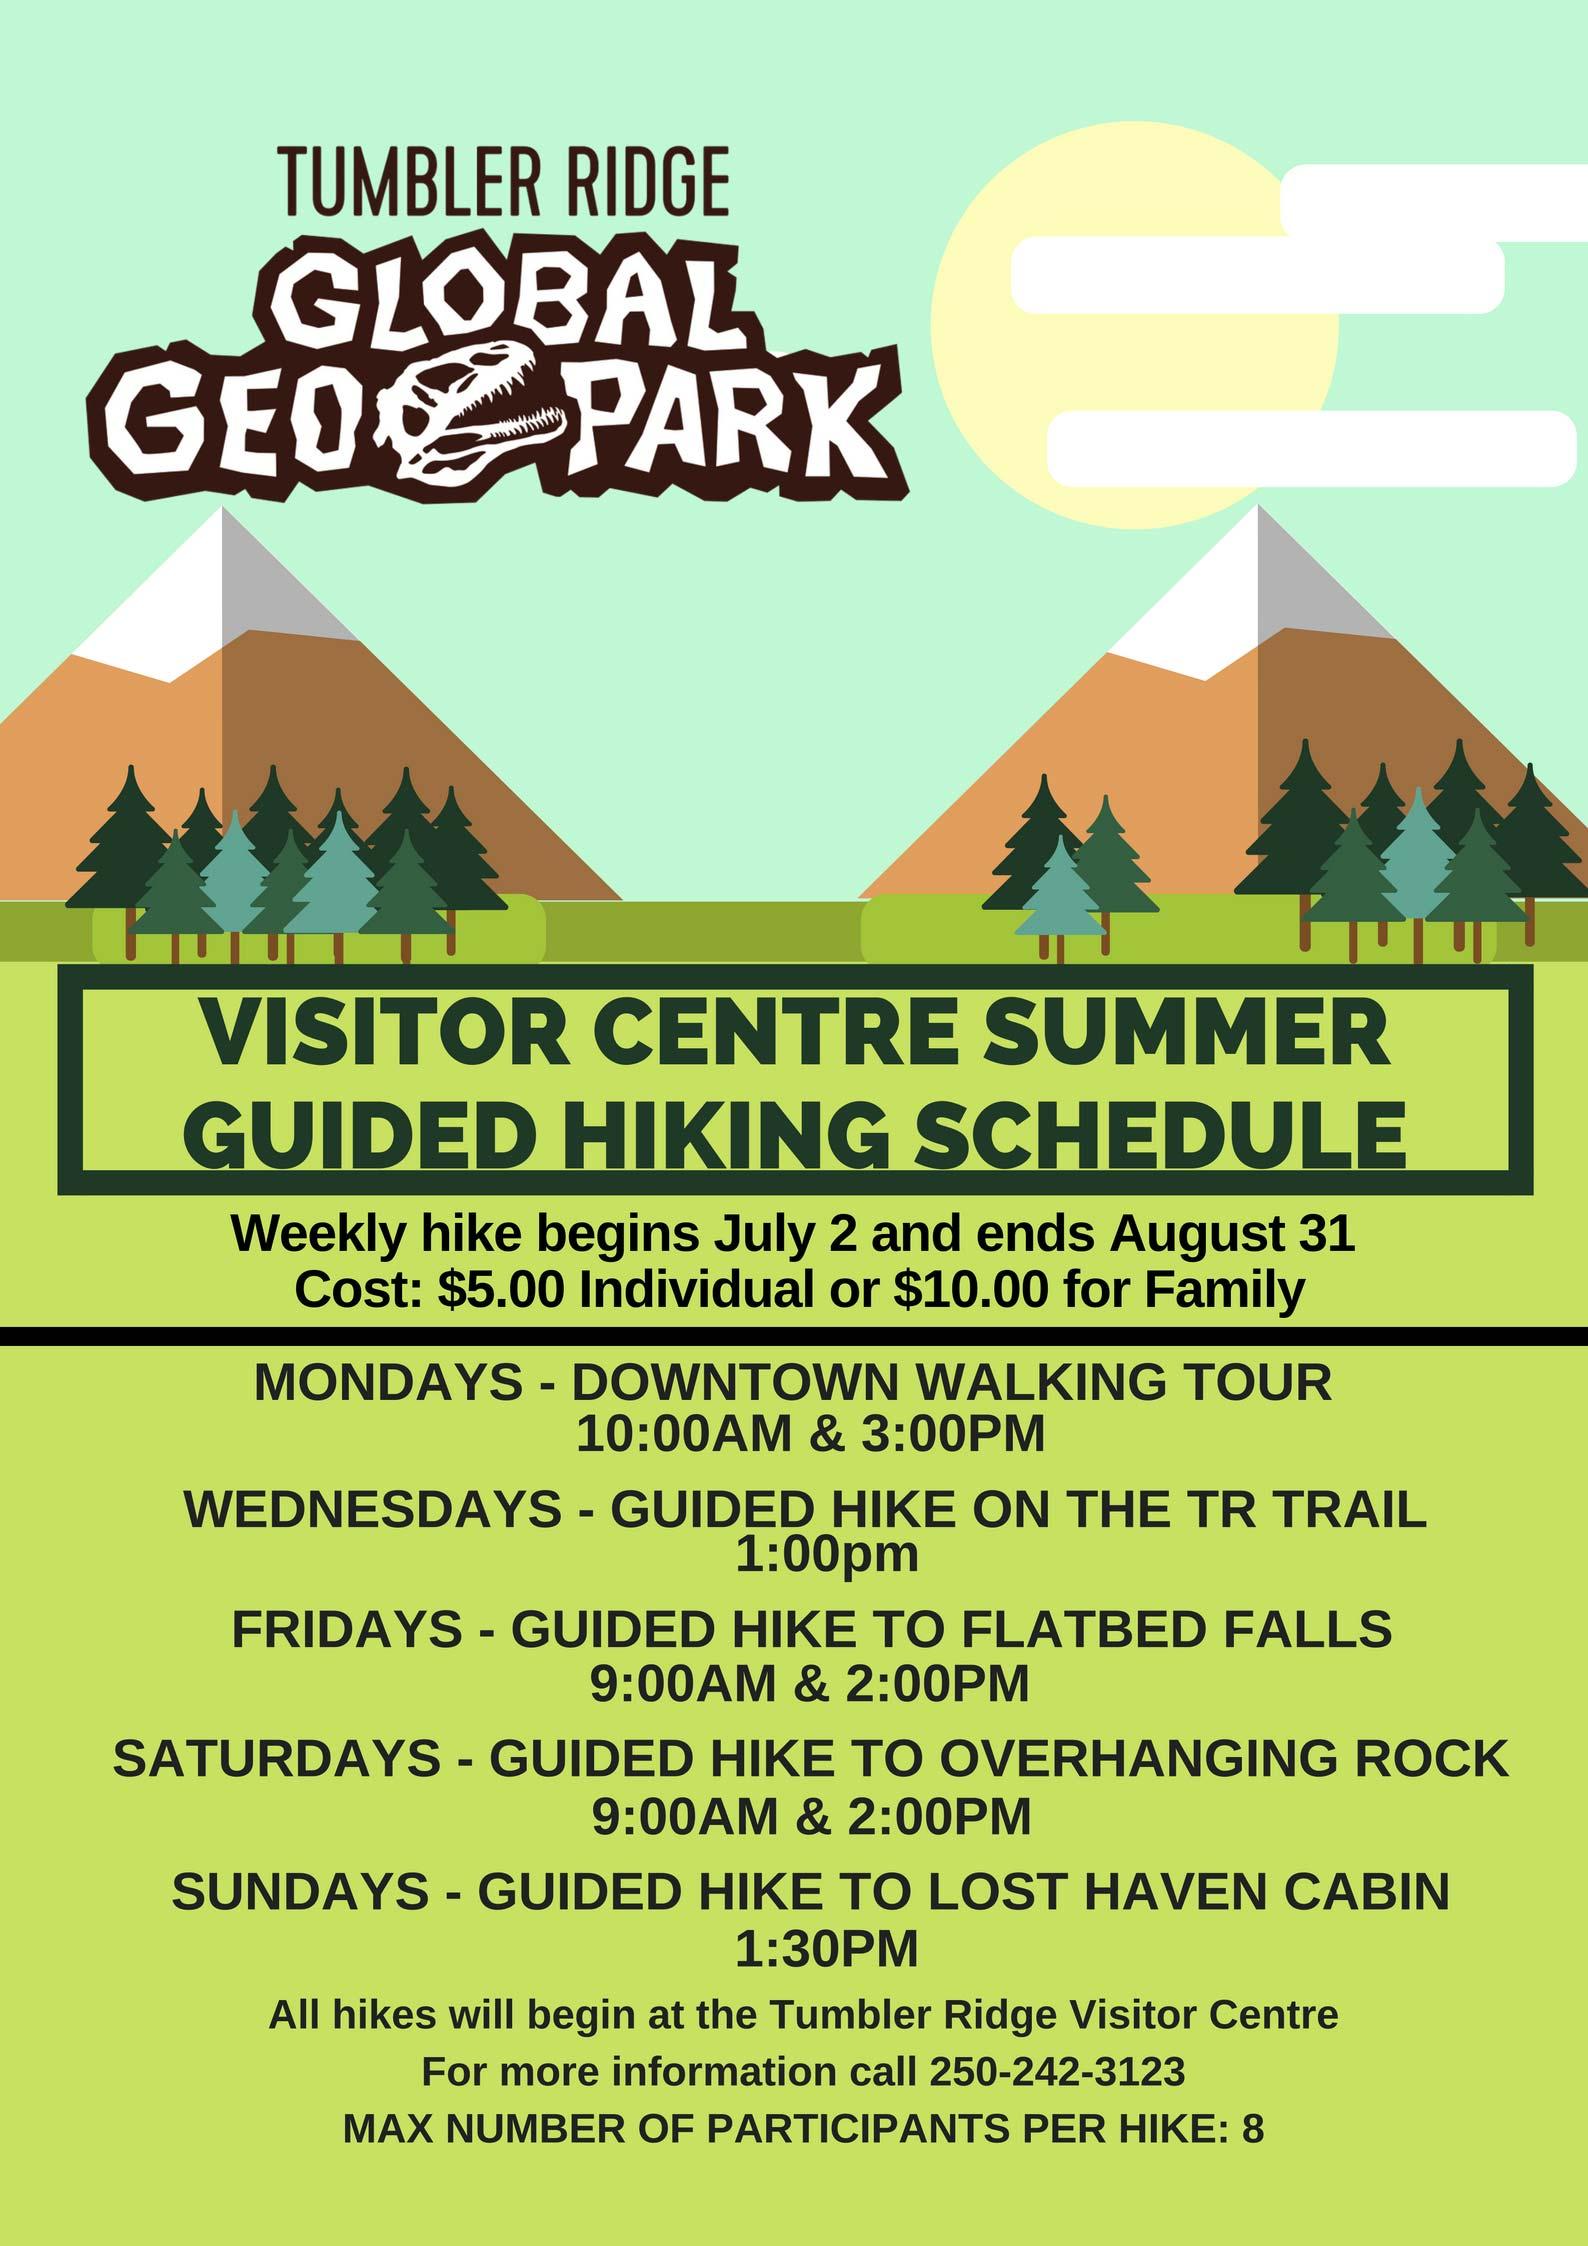 Hiking schedule summer 2018